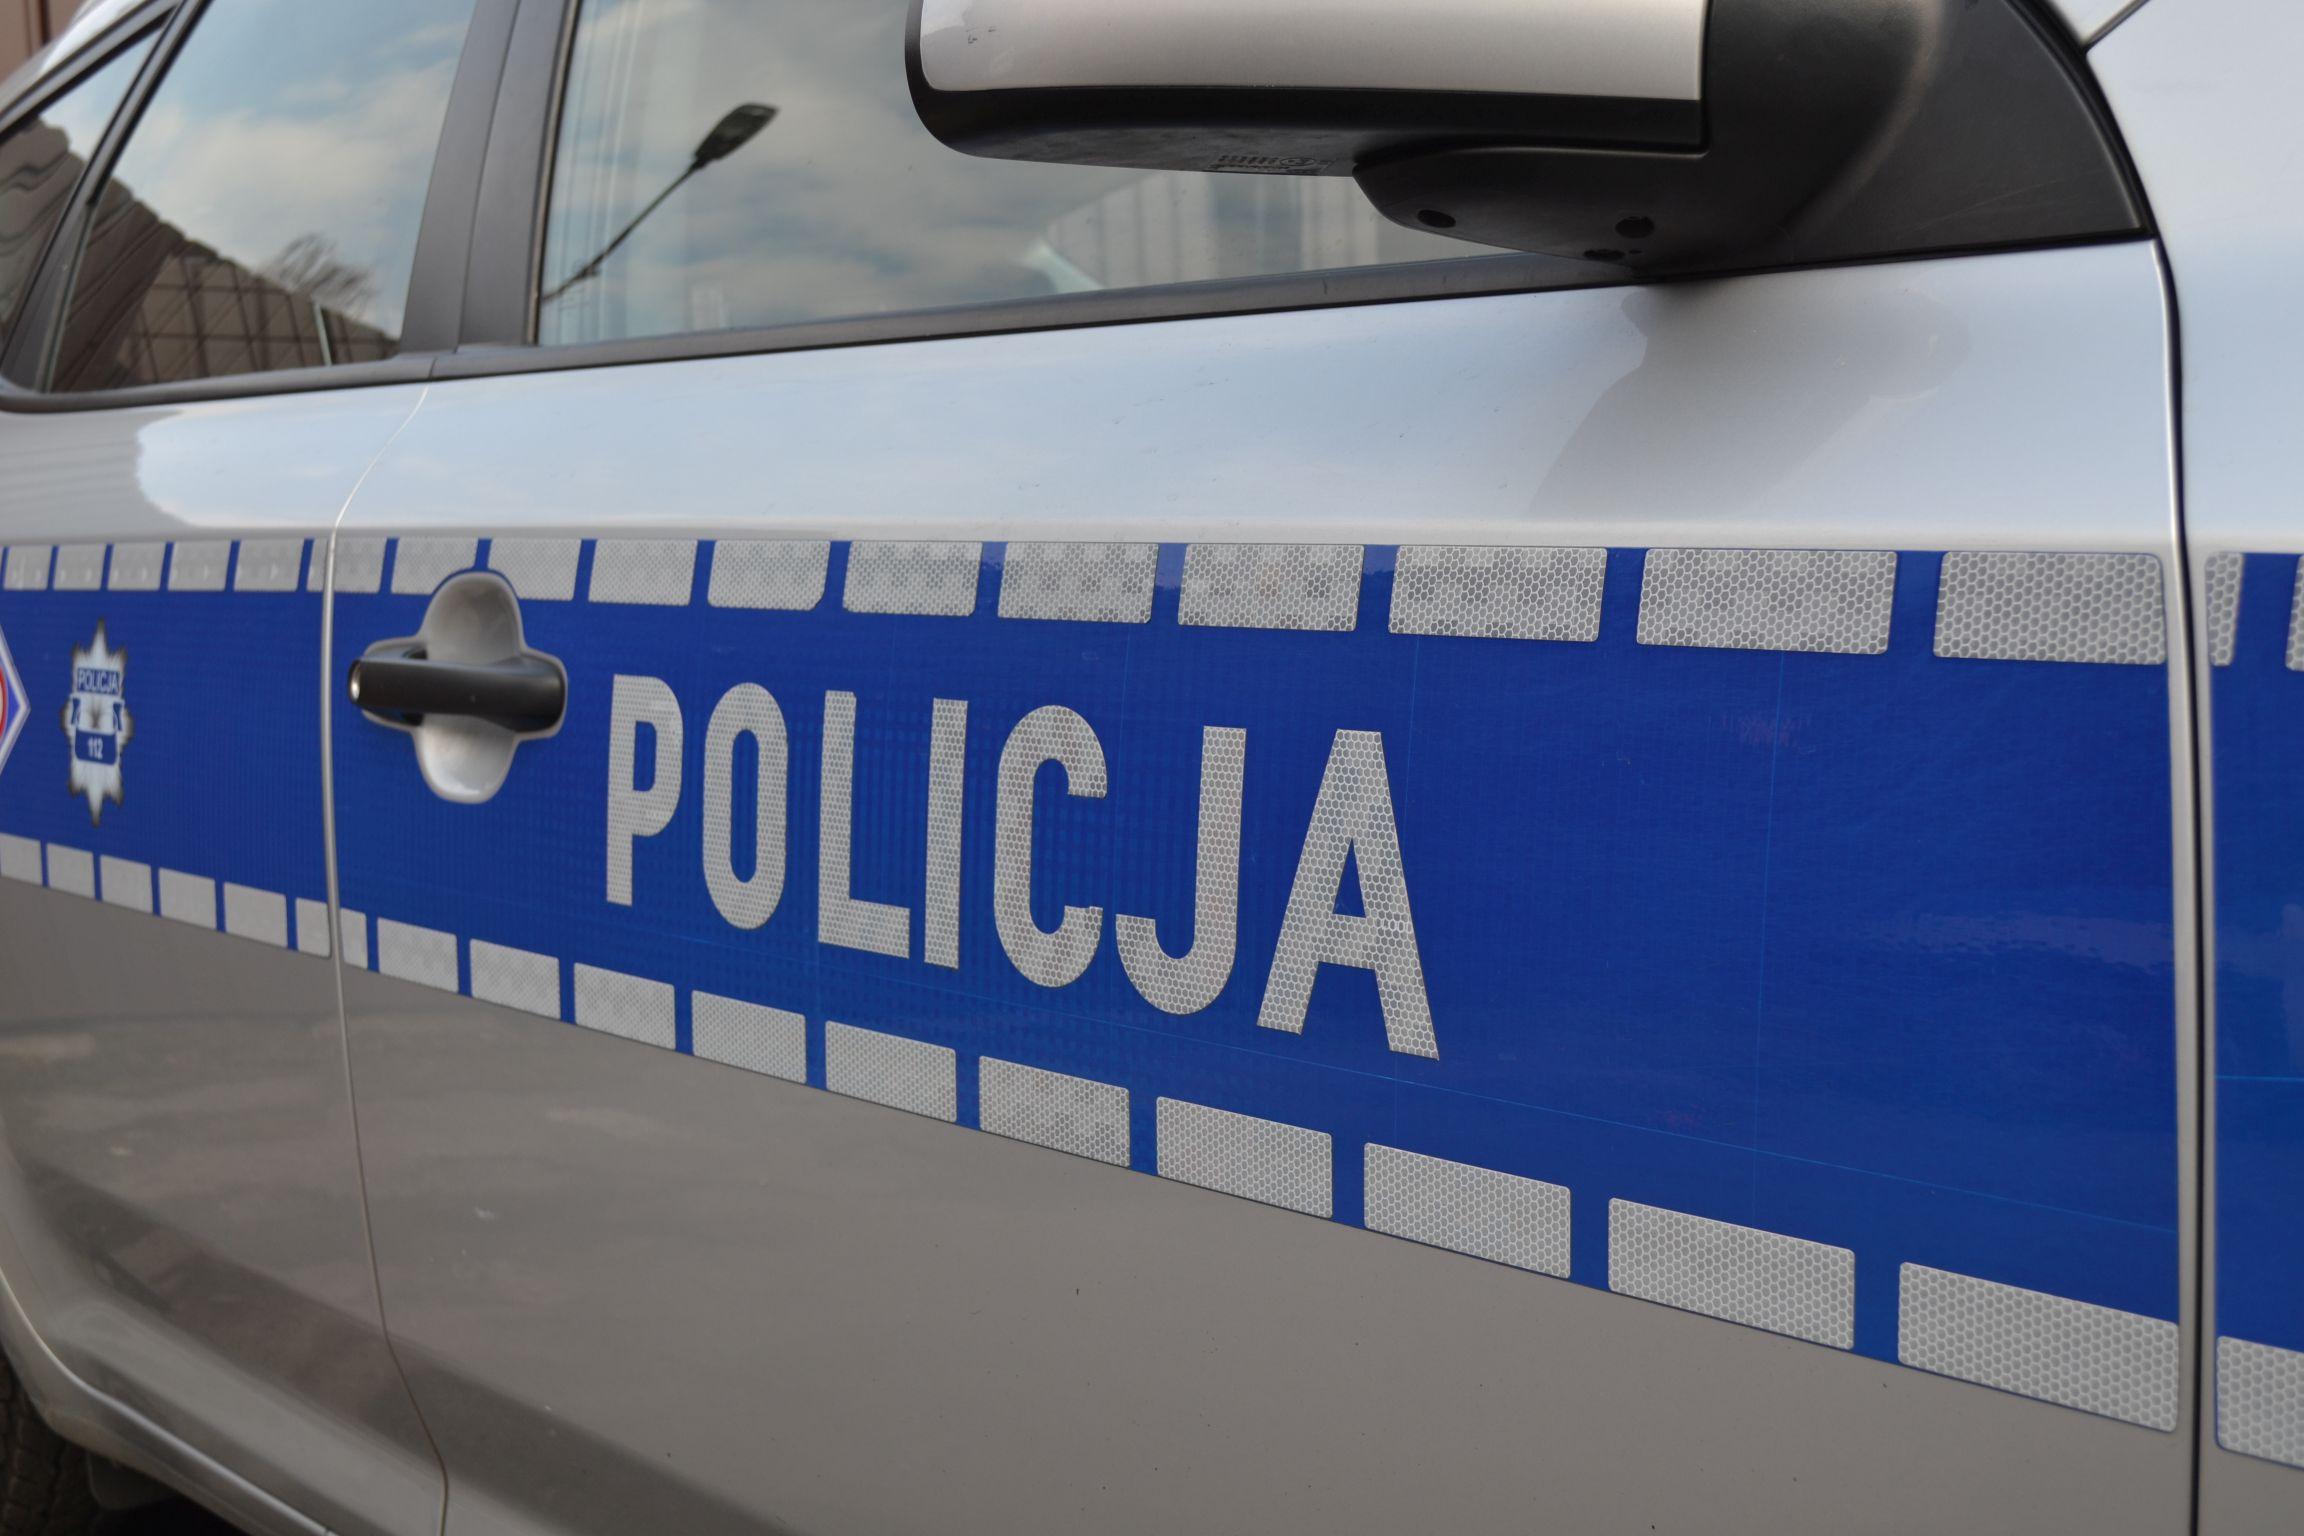 Policja: zero tolerancji dla pijanych kierowców